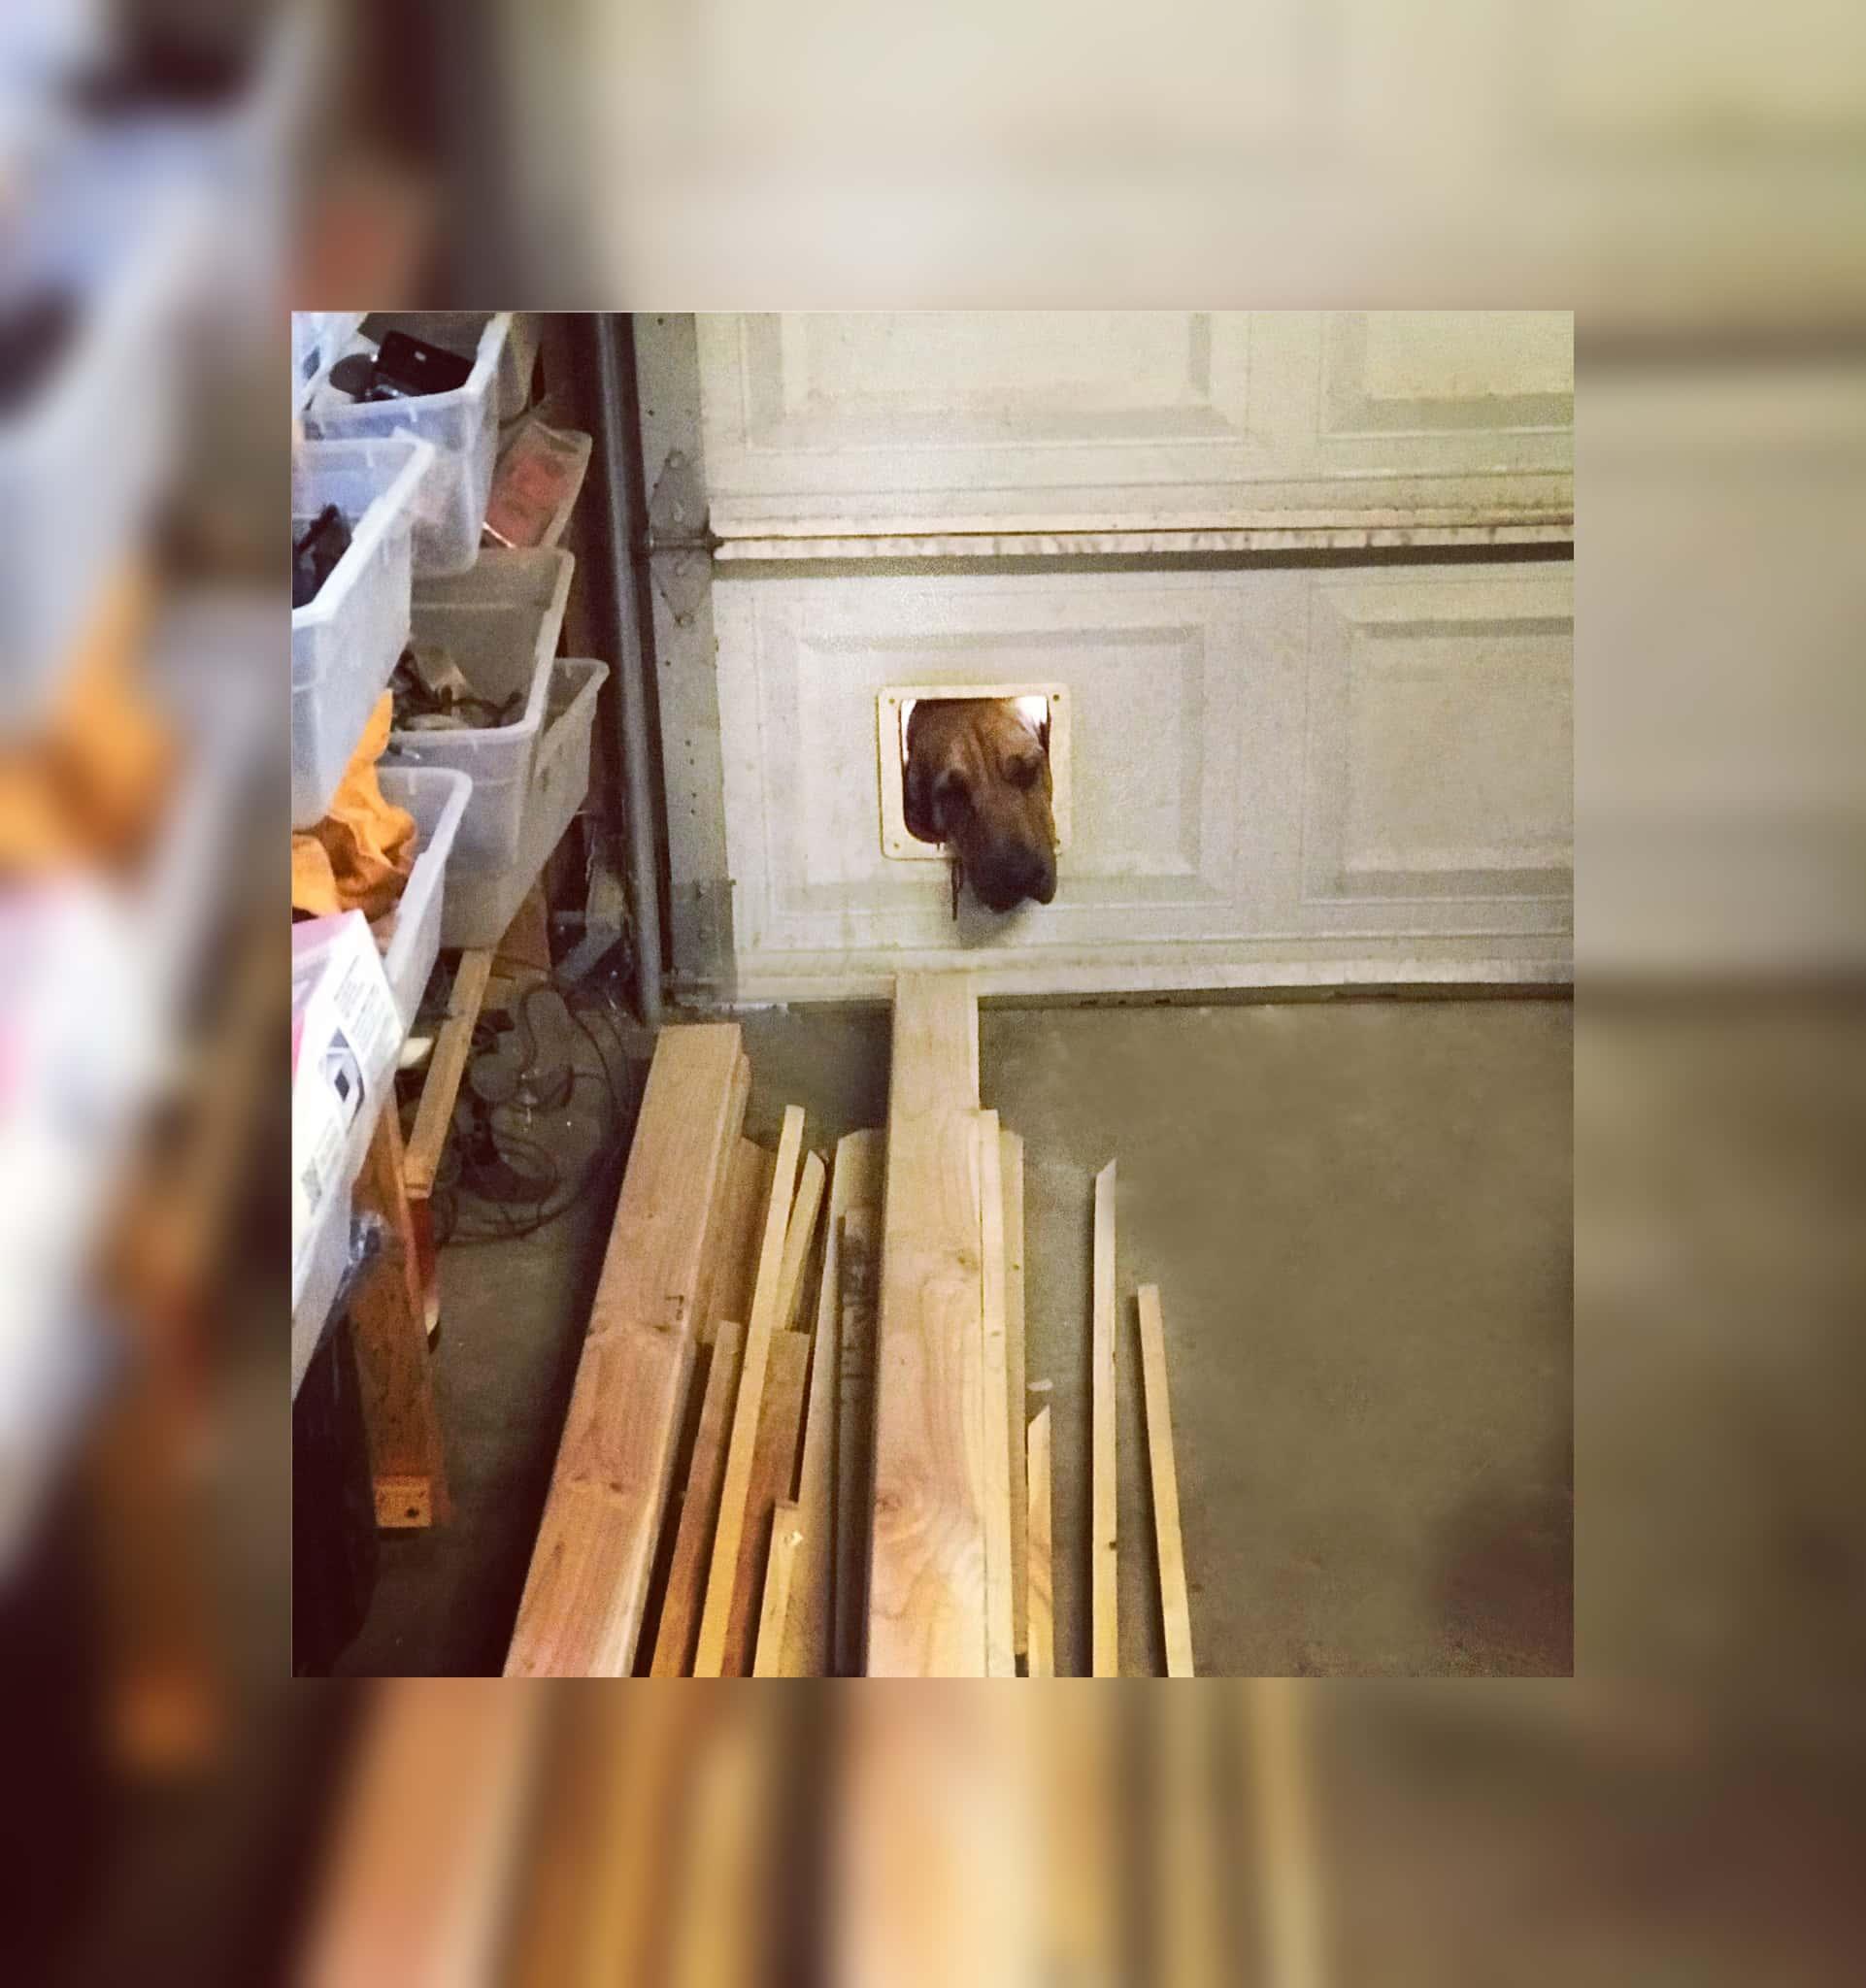 dog-in-cat-door.jpg